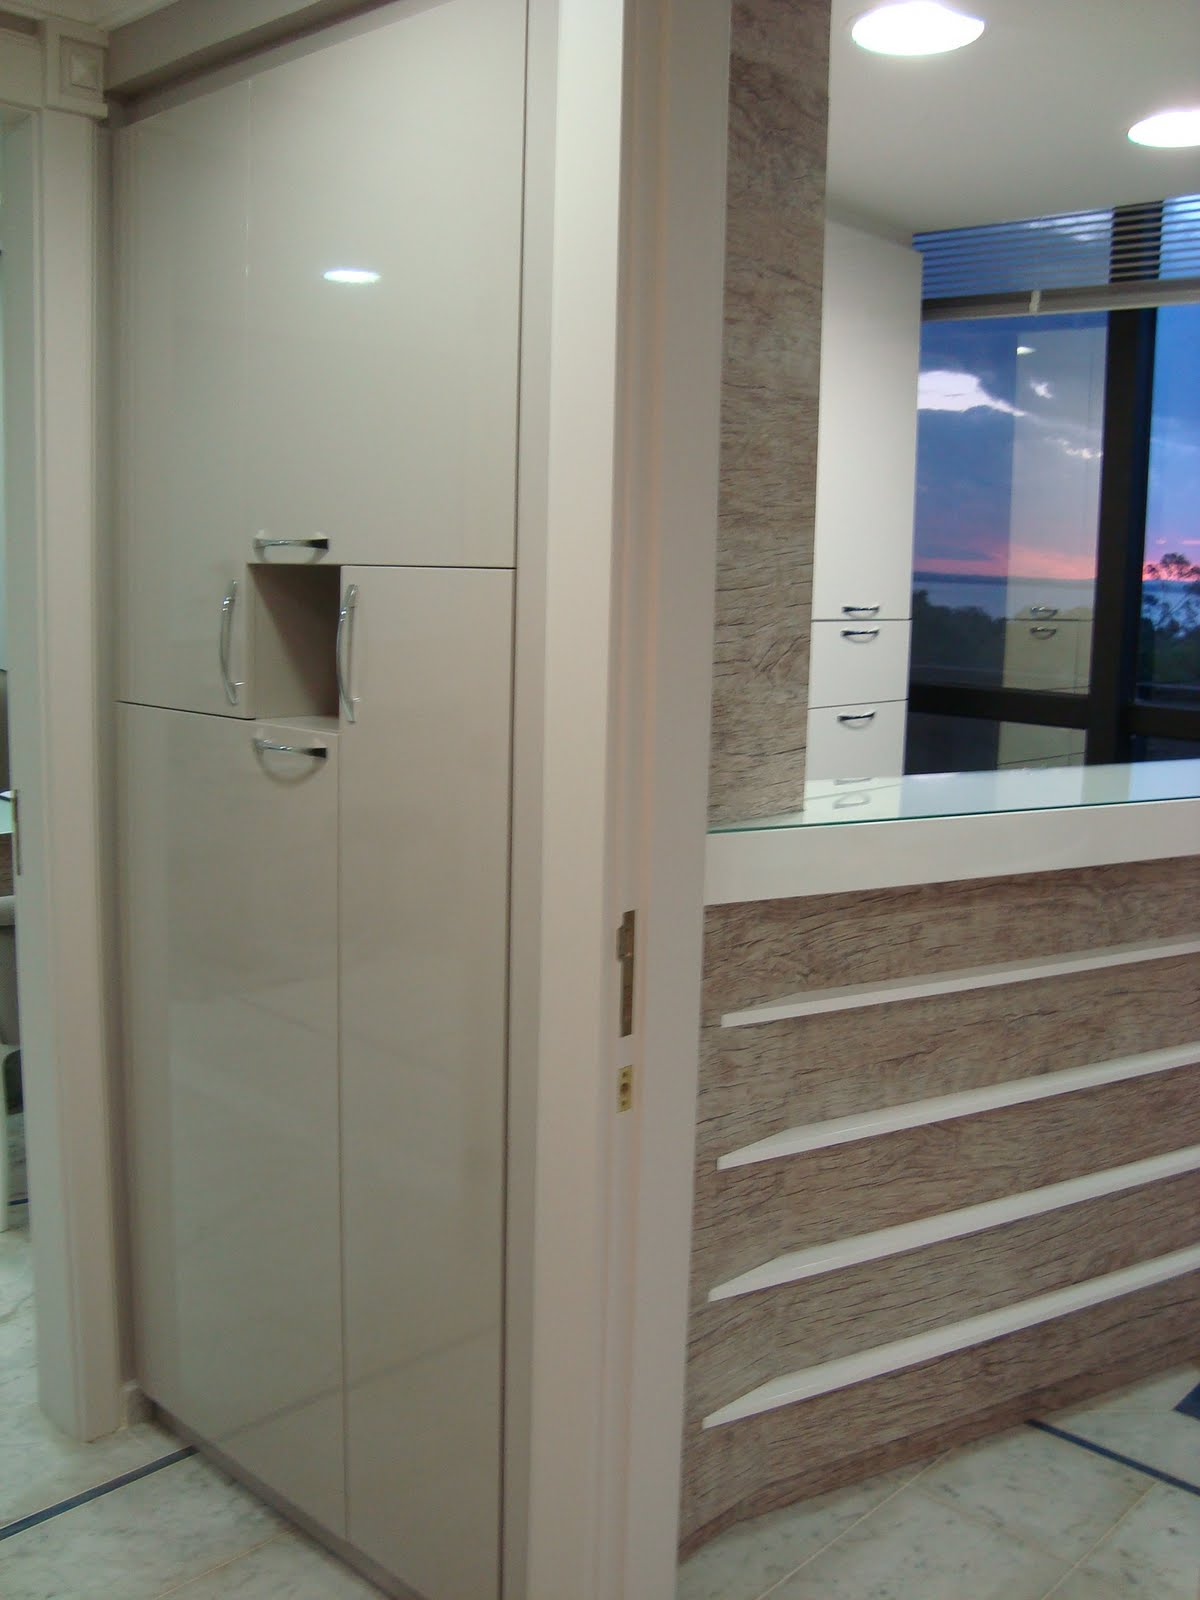 Consultório Médico Recepção Armário Mini Cozinha #344E76 1200 1600